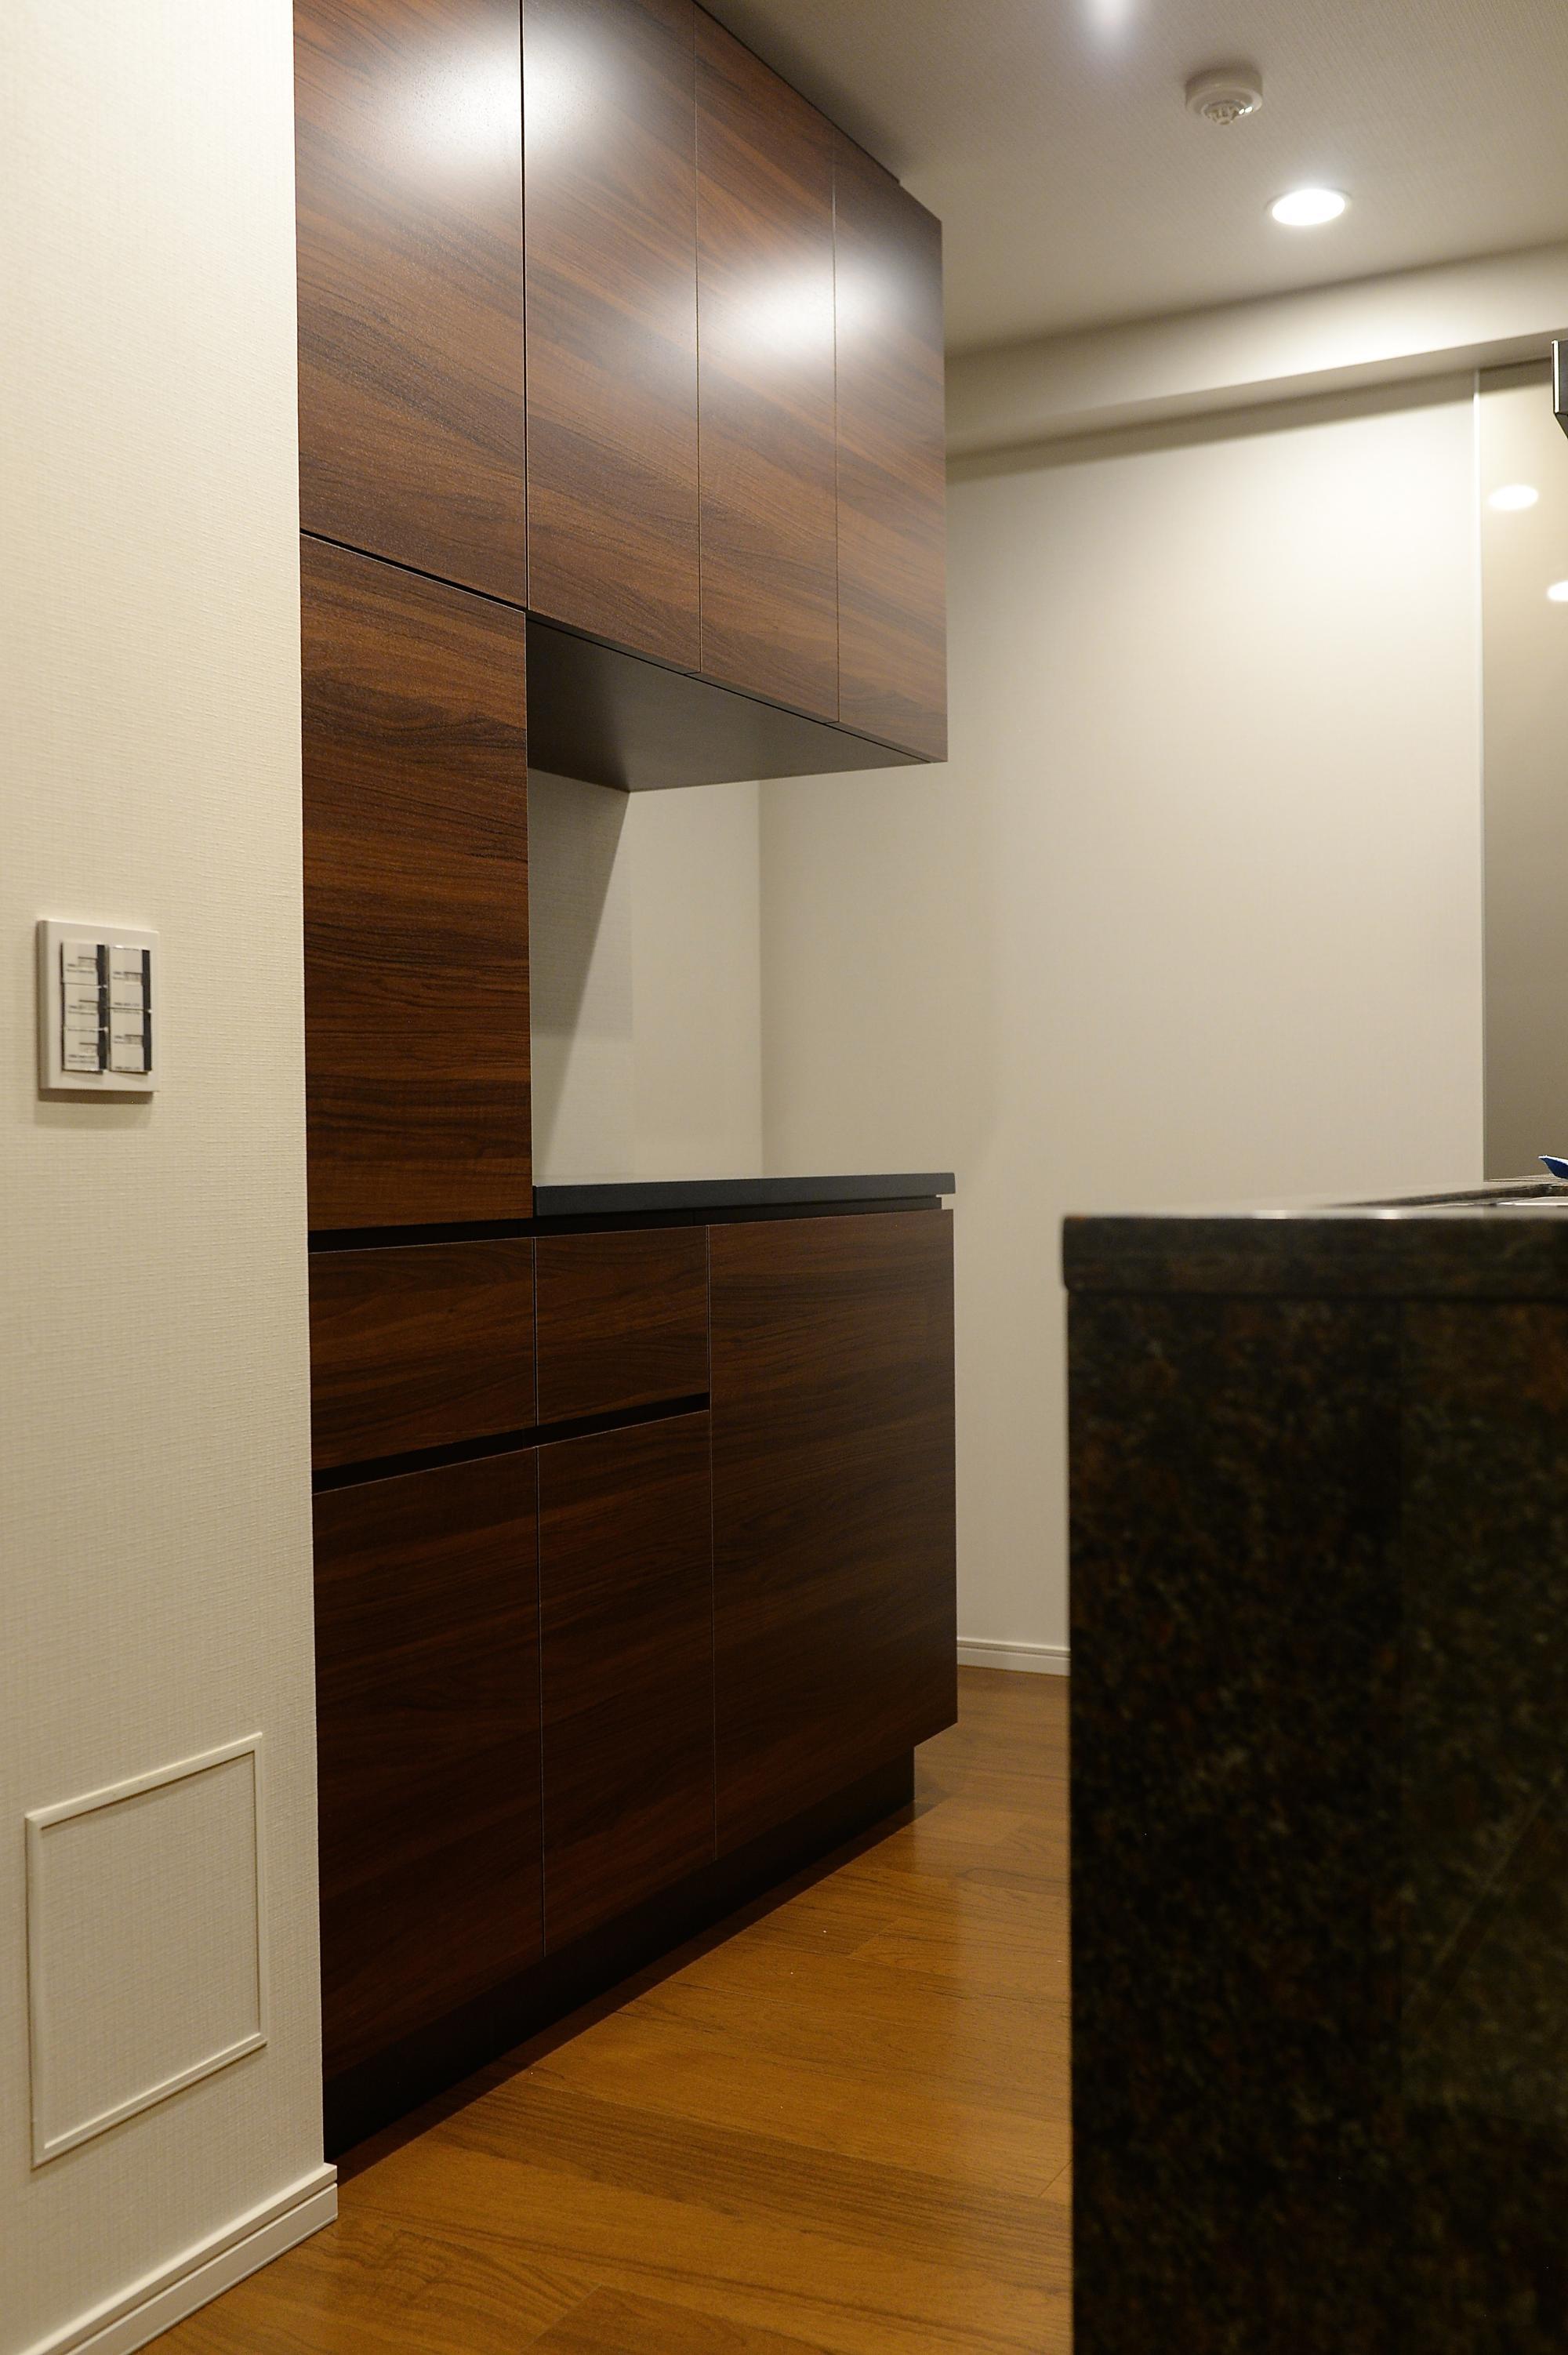 カップボード オーダー家具 食器棚 オプション家具